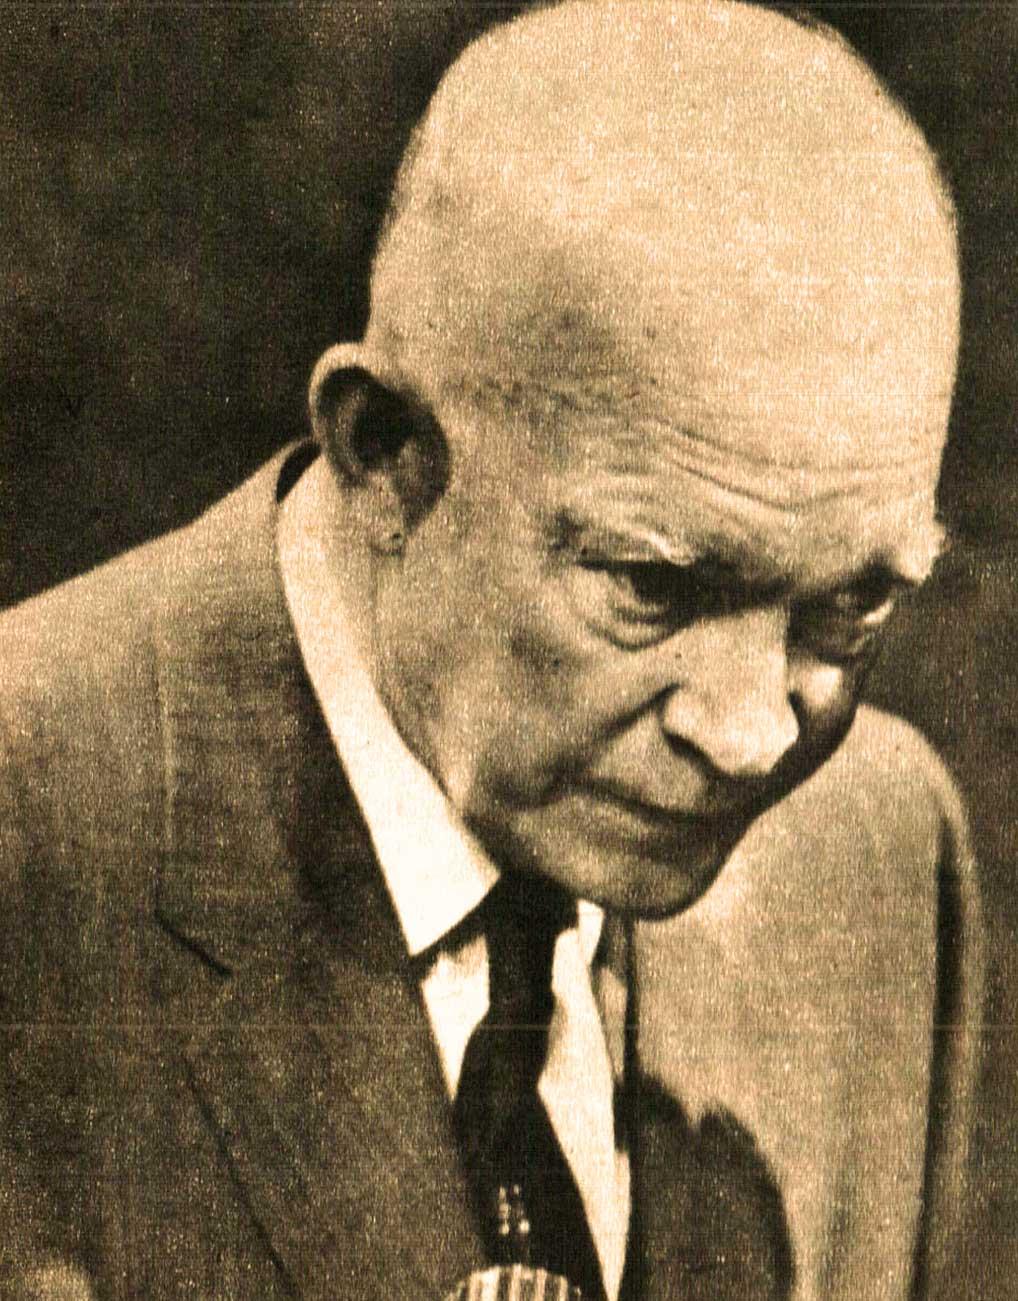 President Eisenhower - 1955